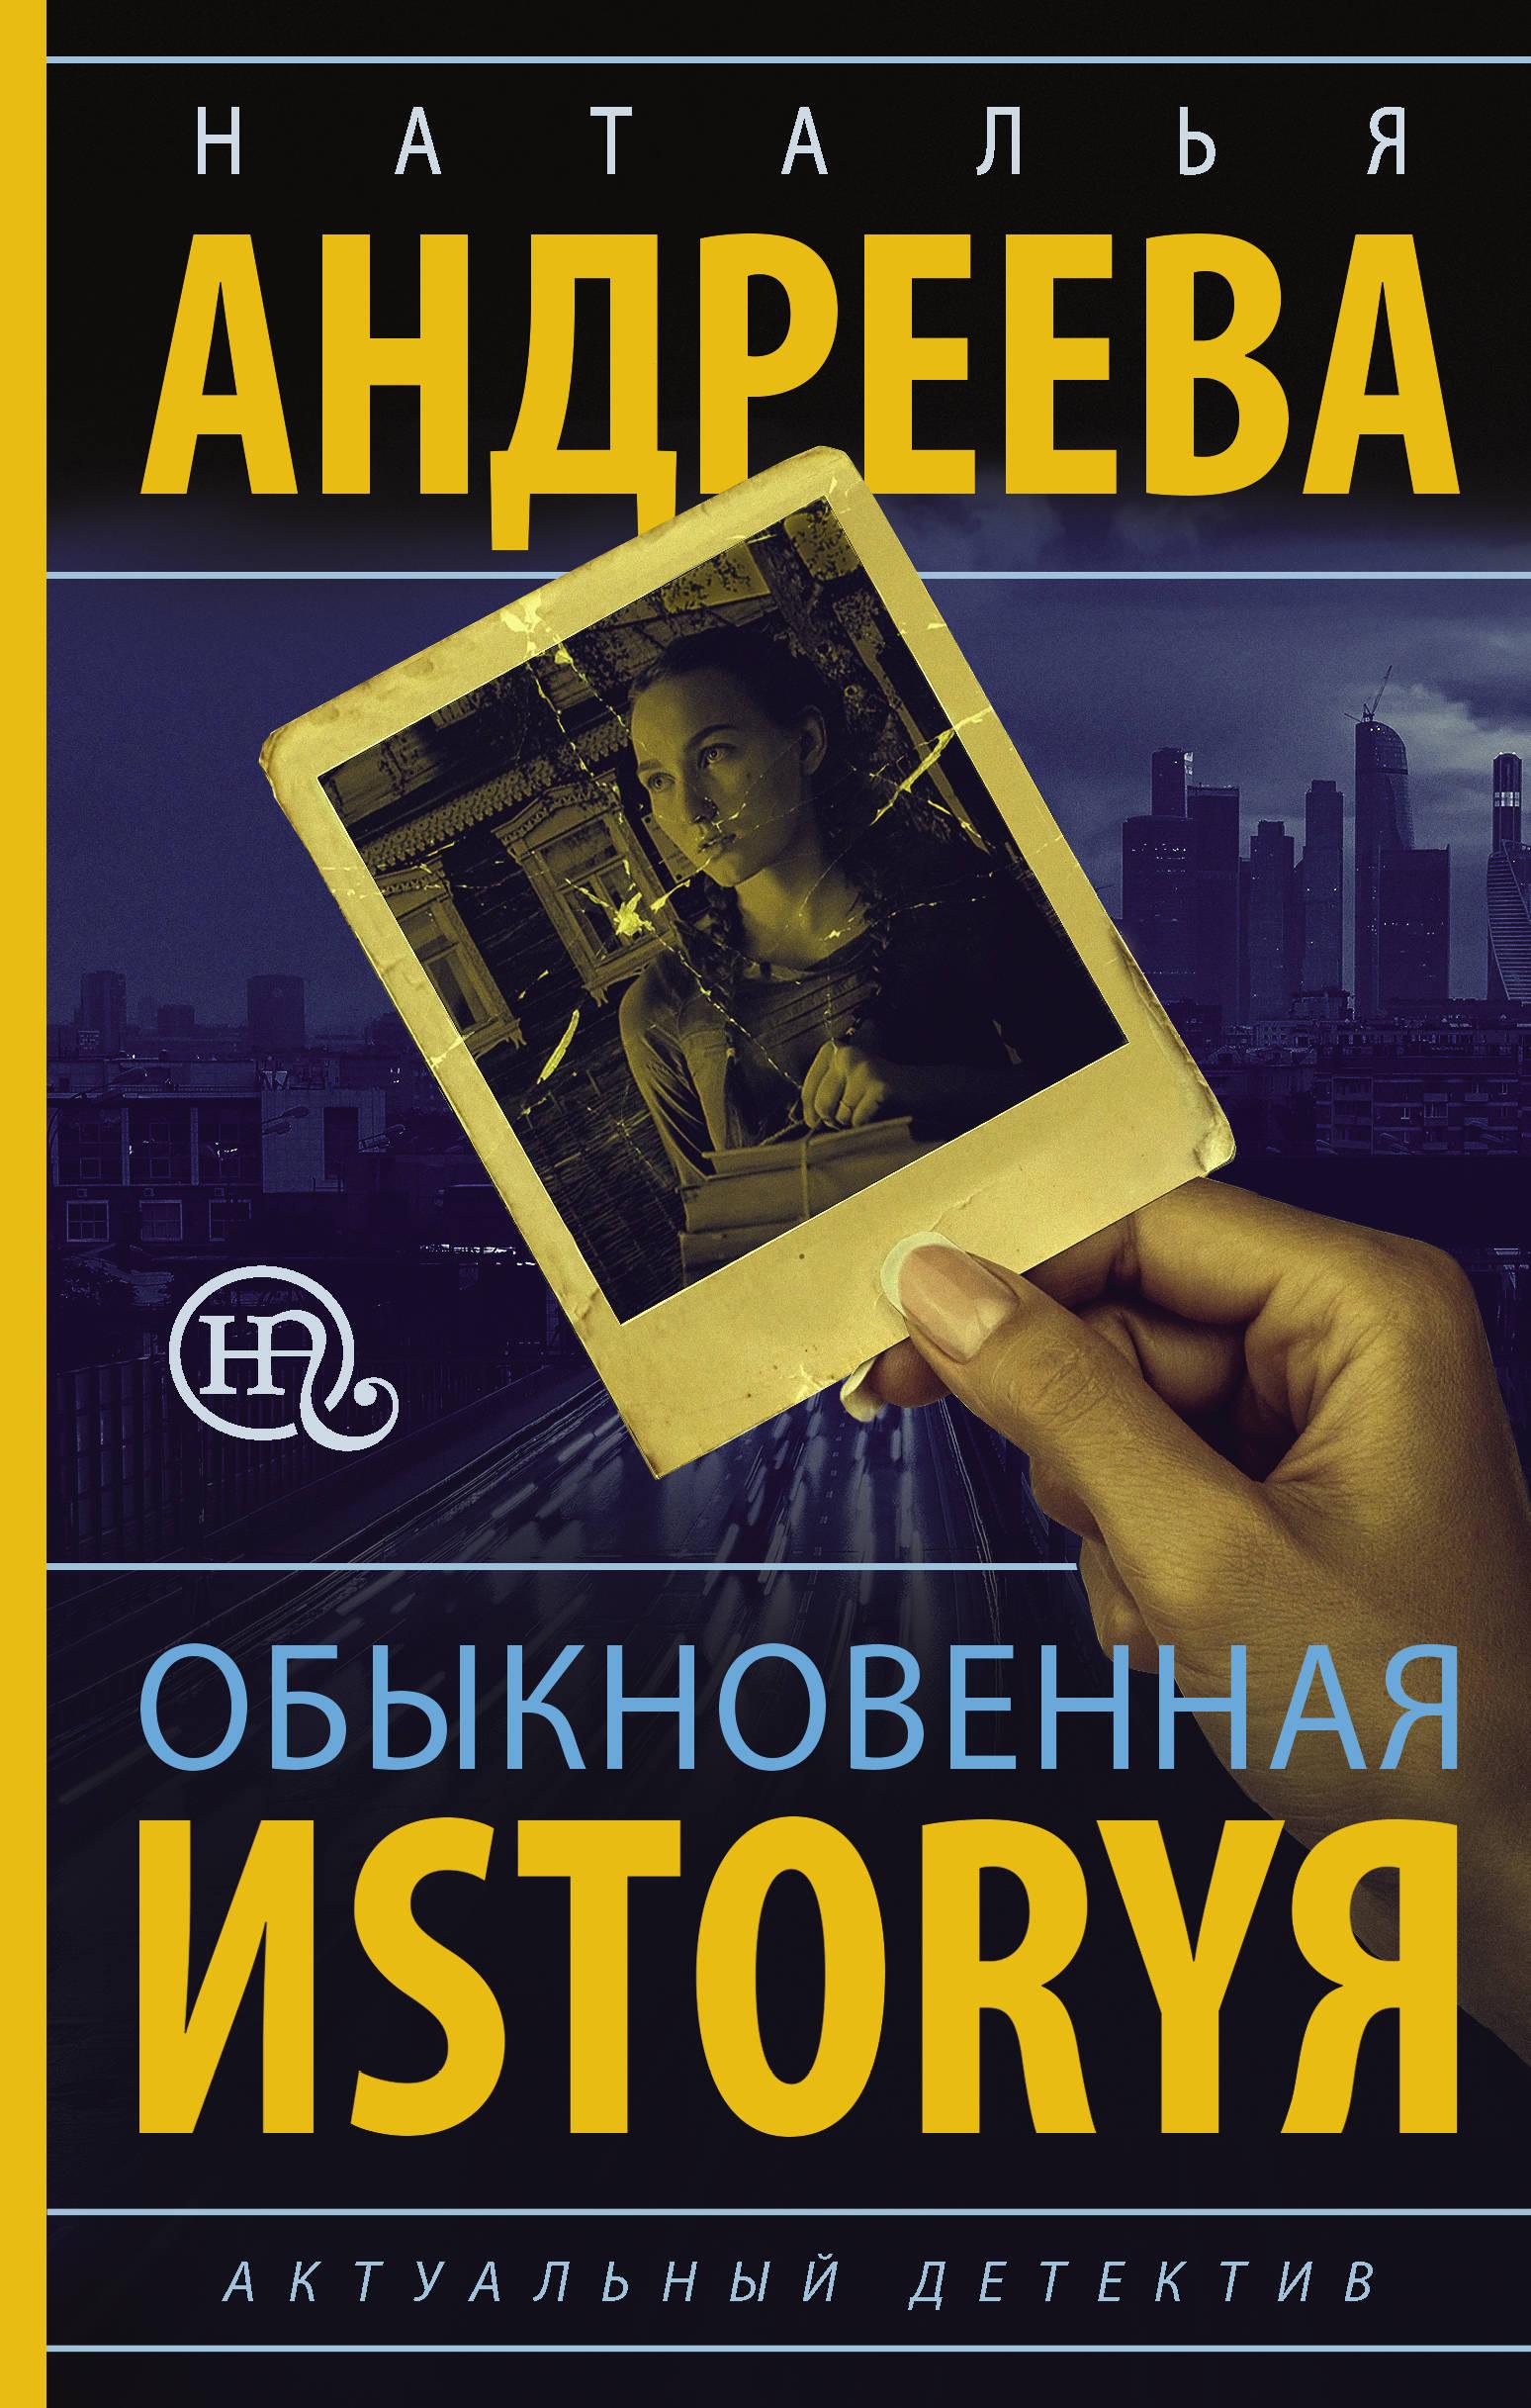 Обыкновенная иstоryя. Андреева Наталья Вячеславовна